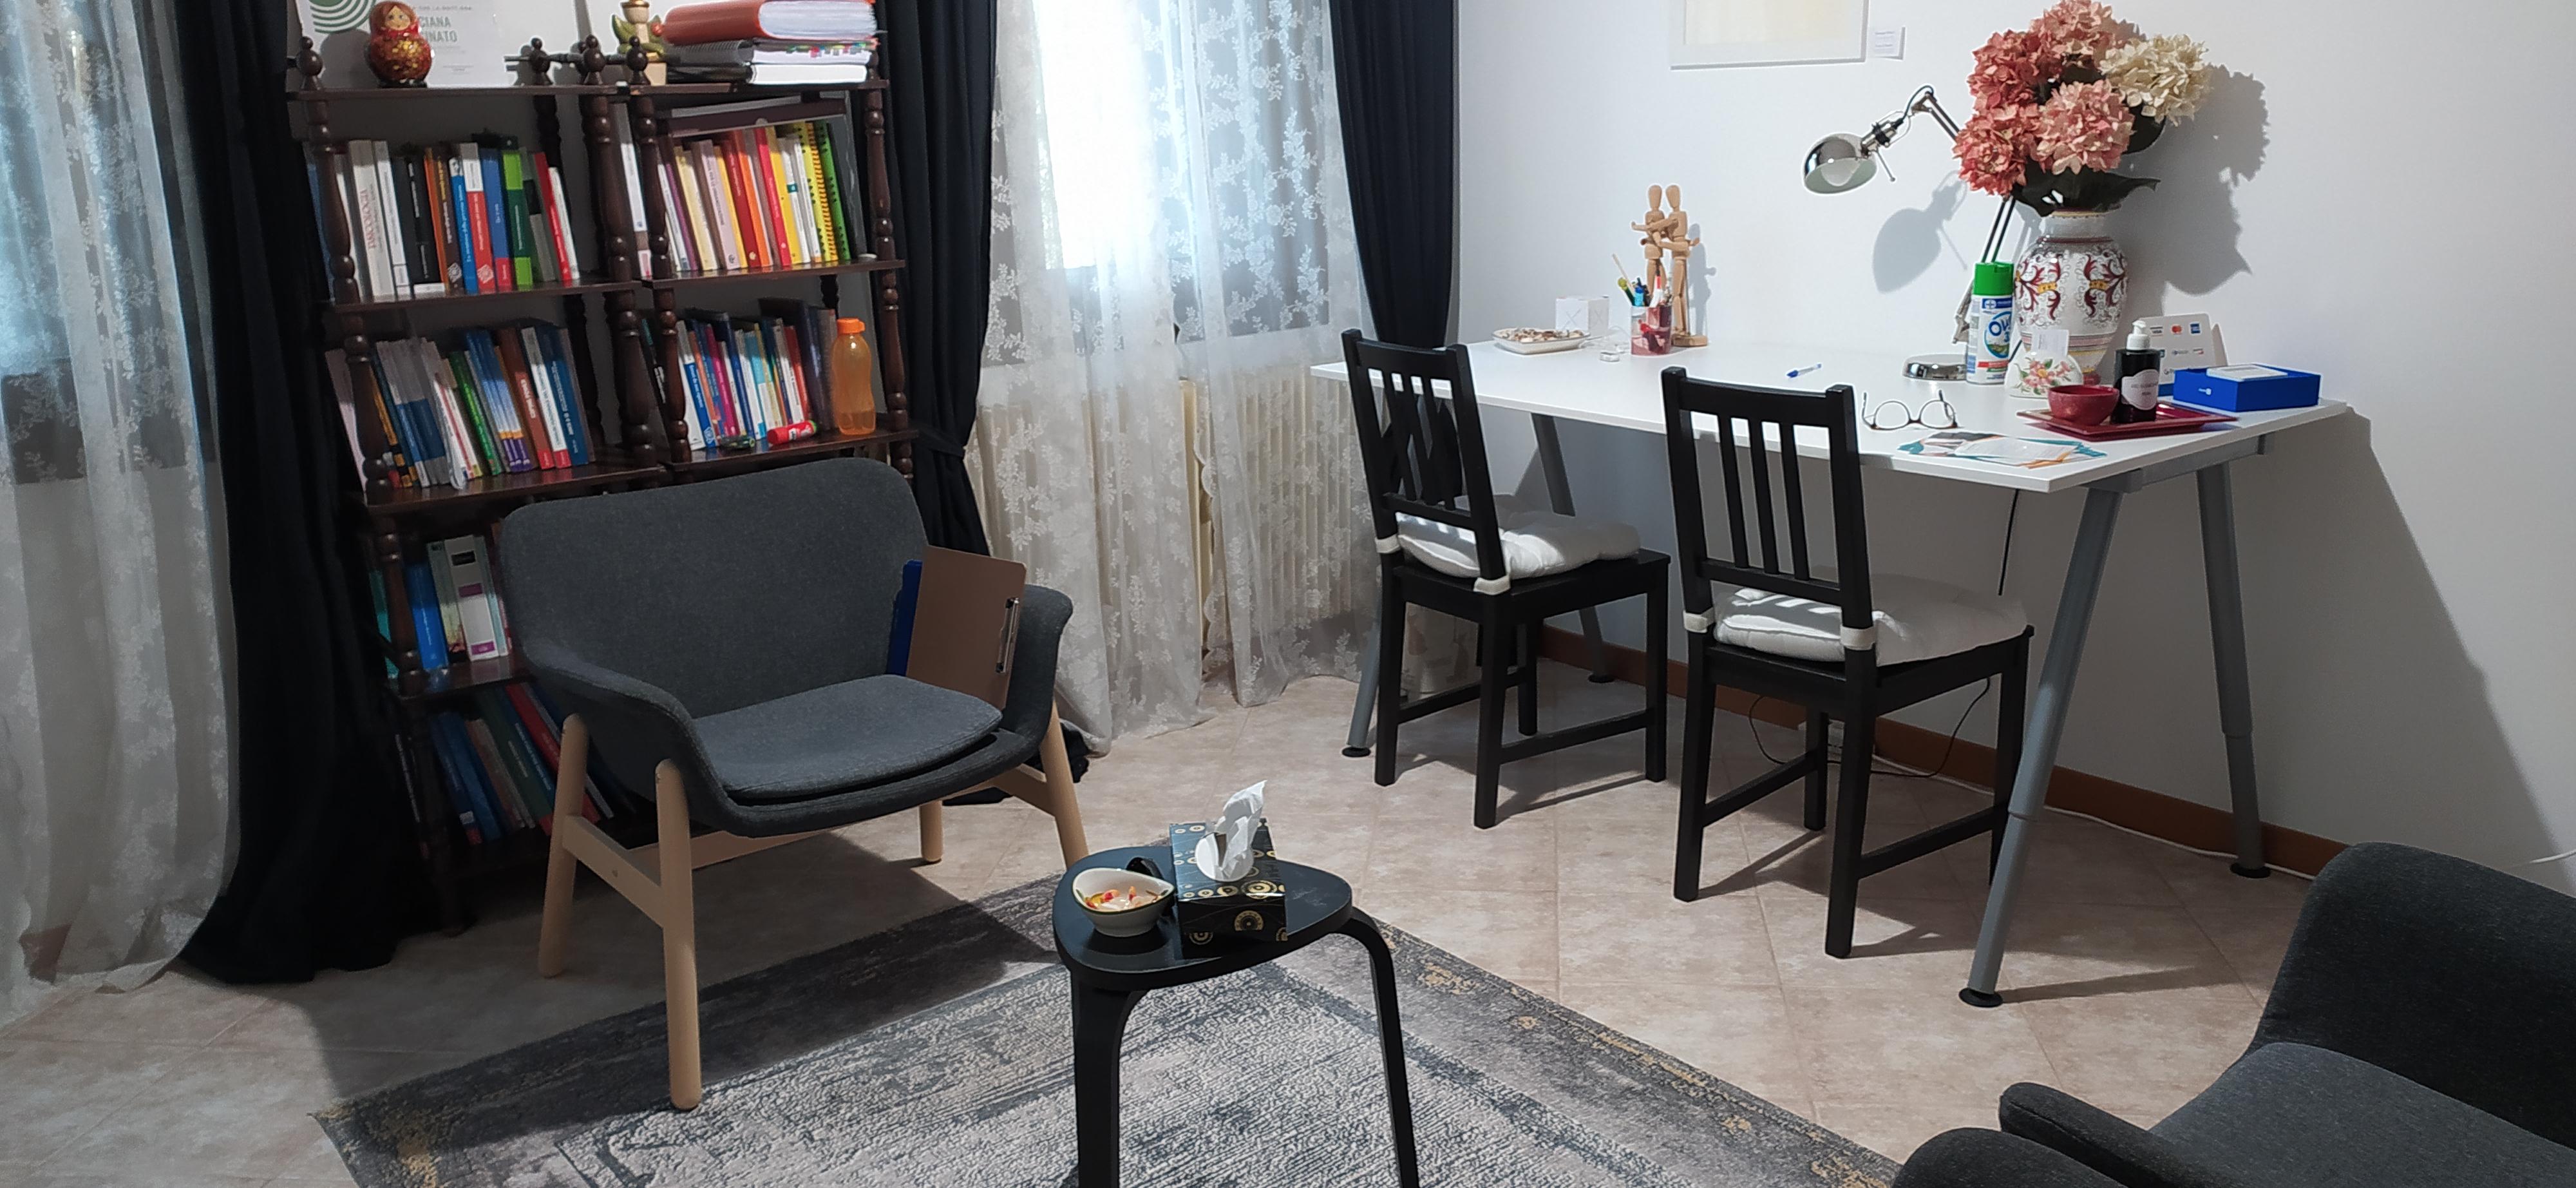 Distinzione tra Counselor, Psicologo, psicoterapeuta e Psichiatra. - Psicologa e Counselor Luciana Reginato